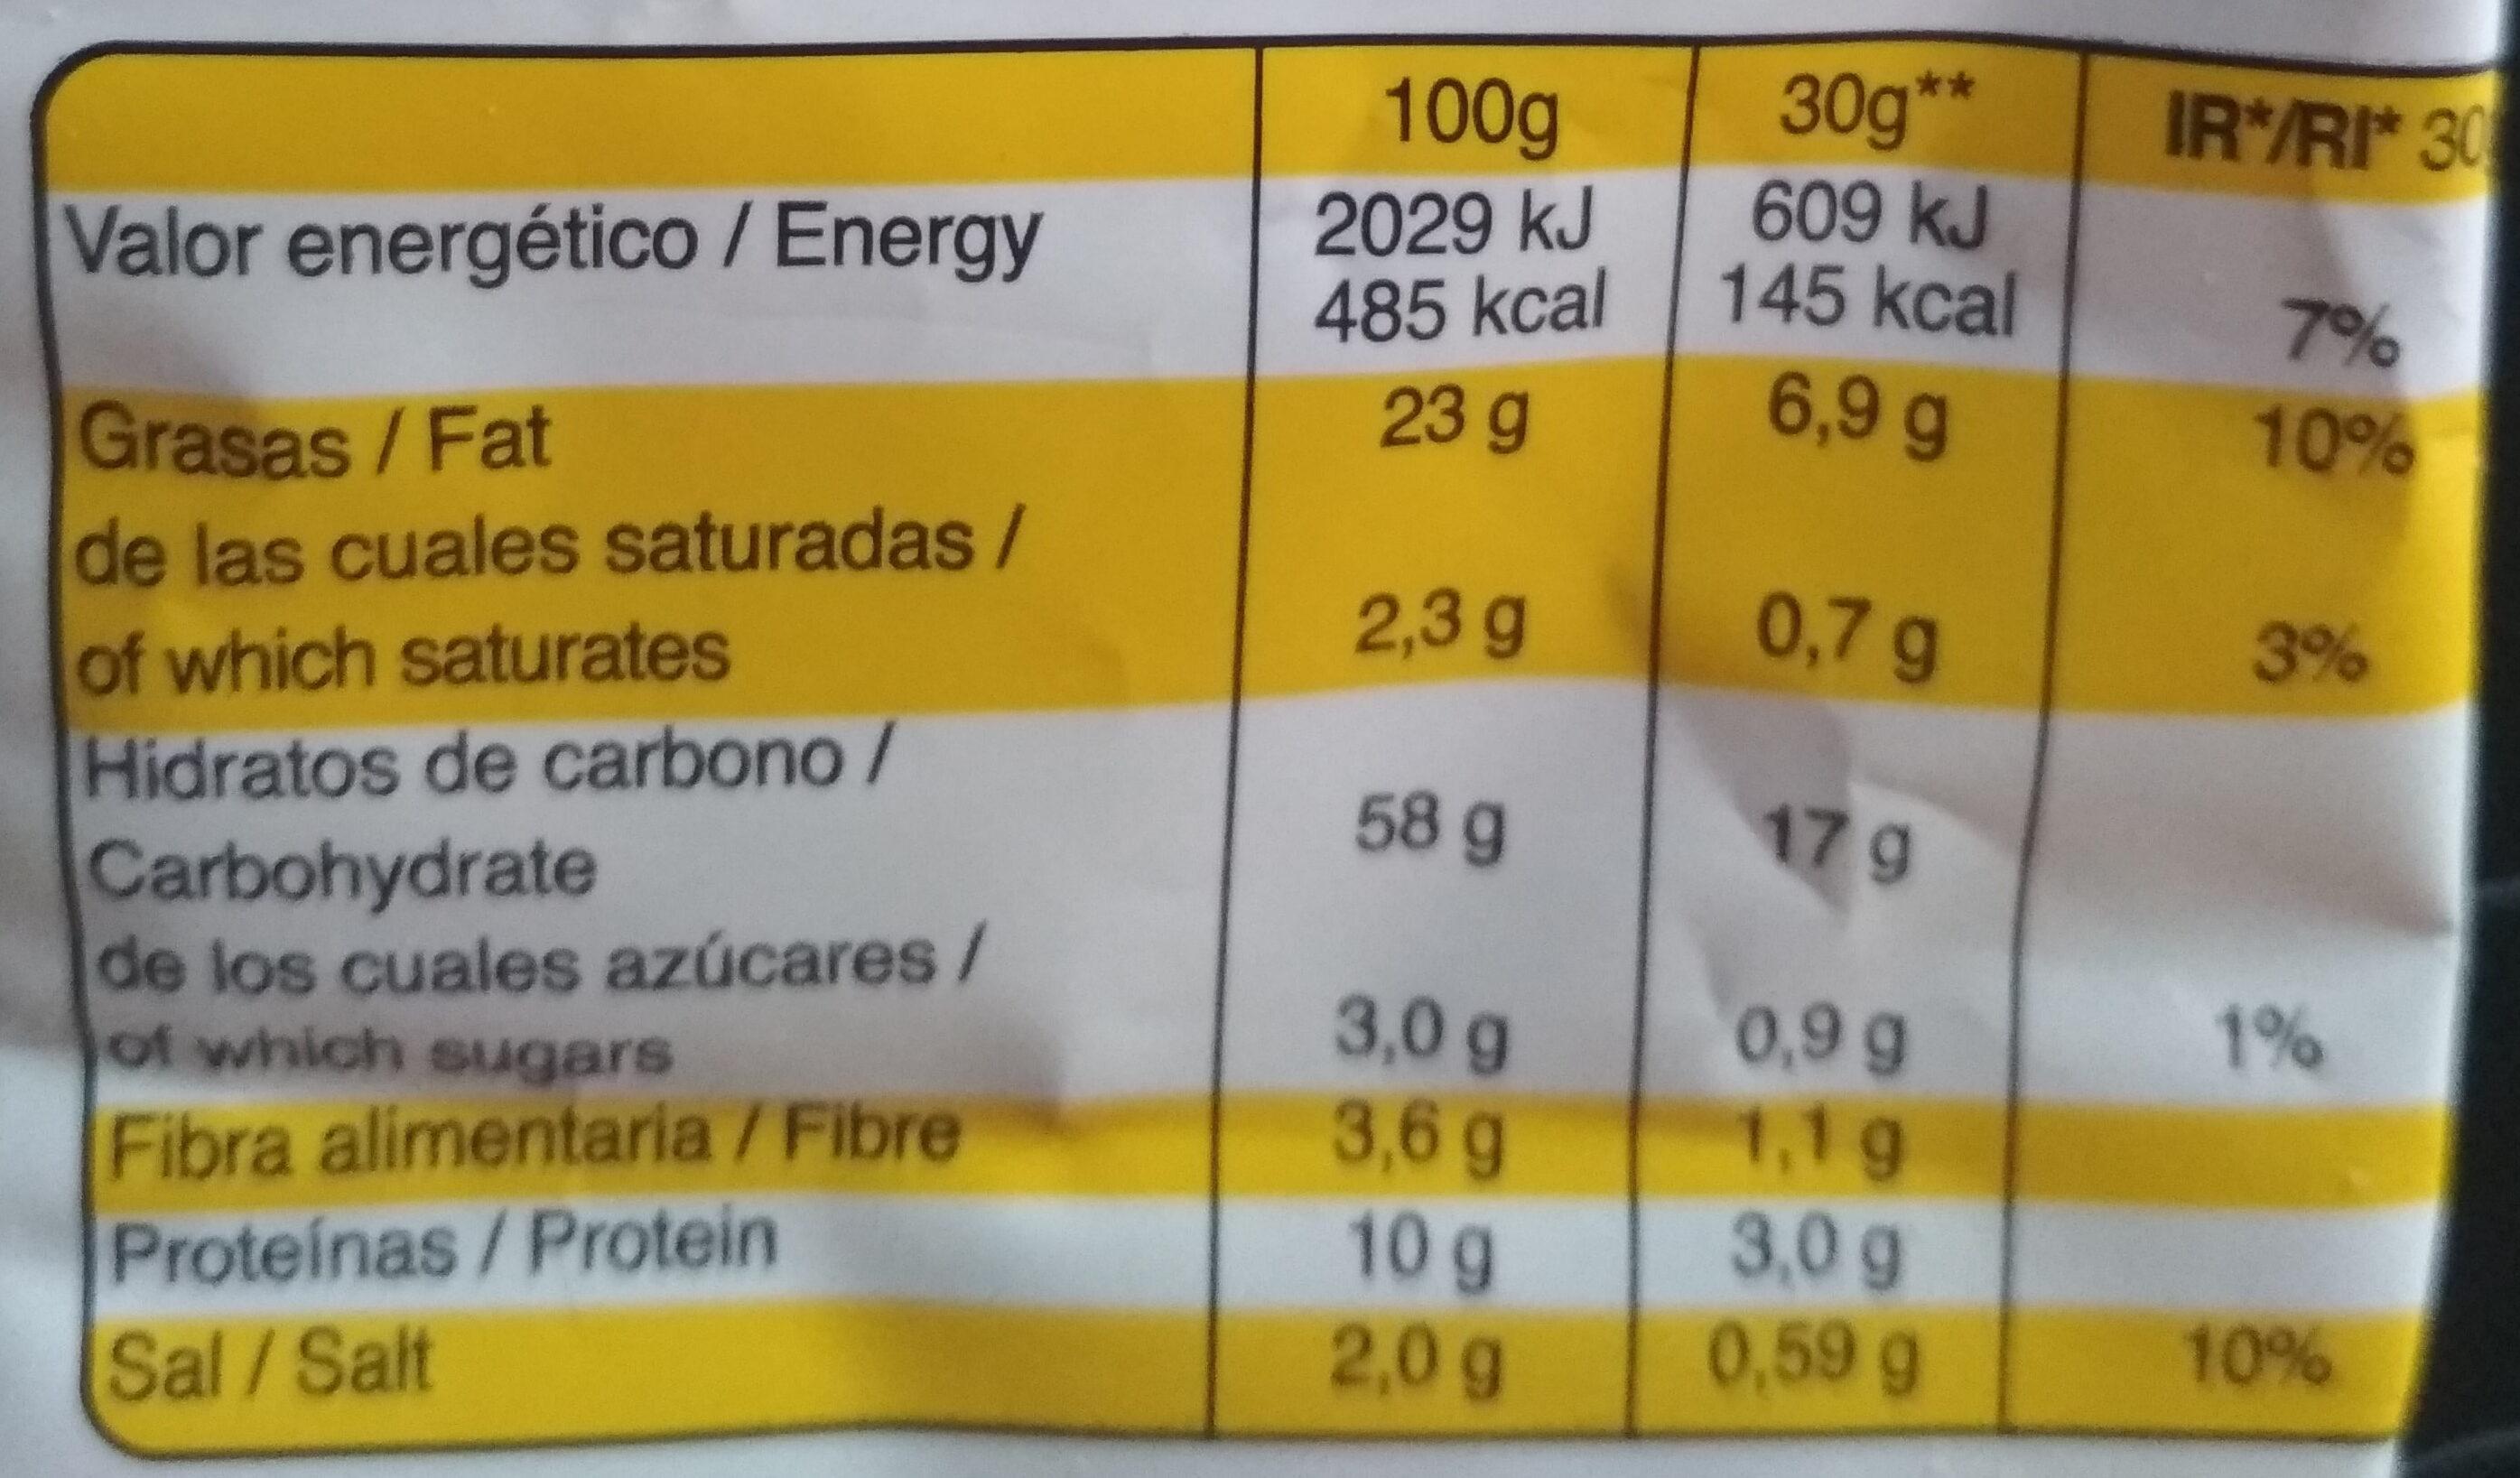 Snatt's mediterráneas queso - Información nutricional - es